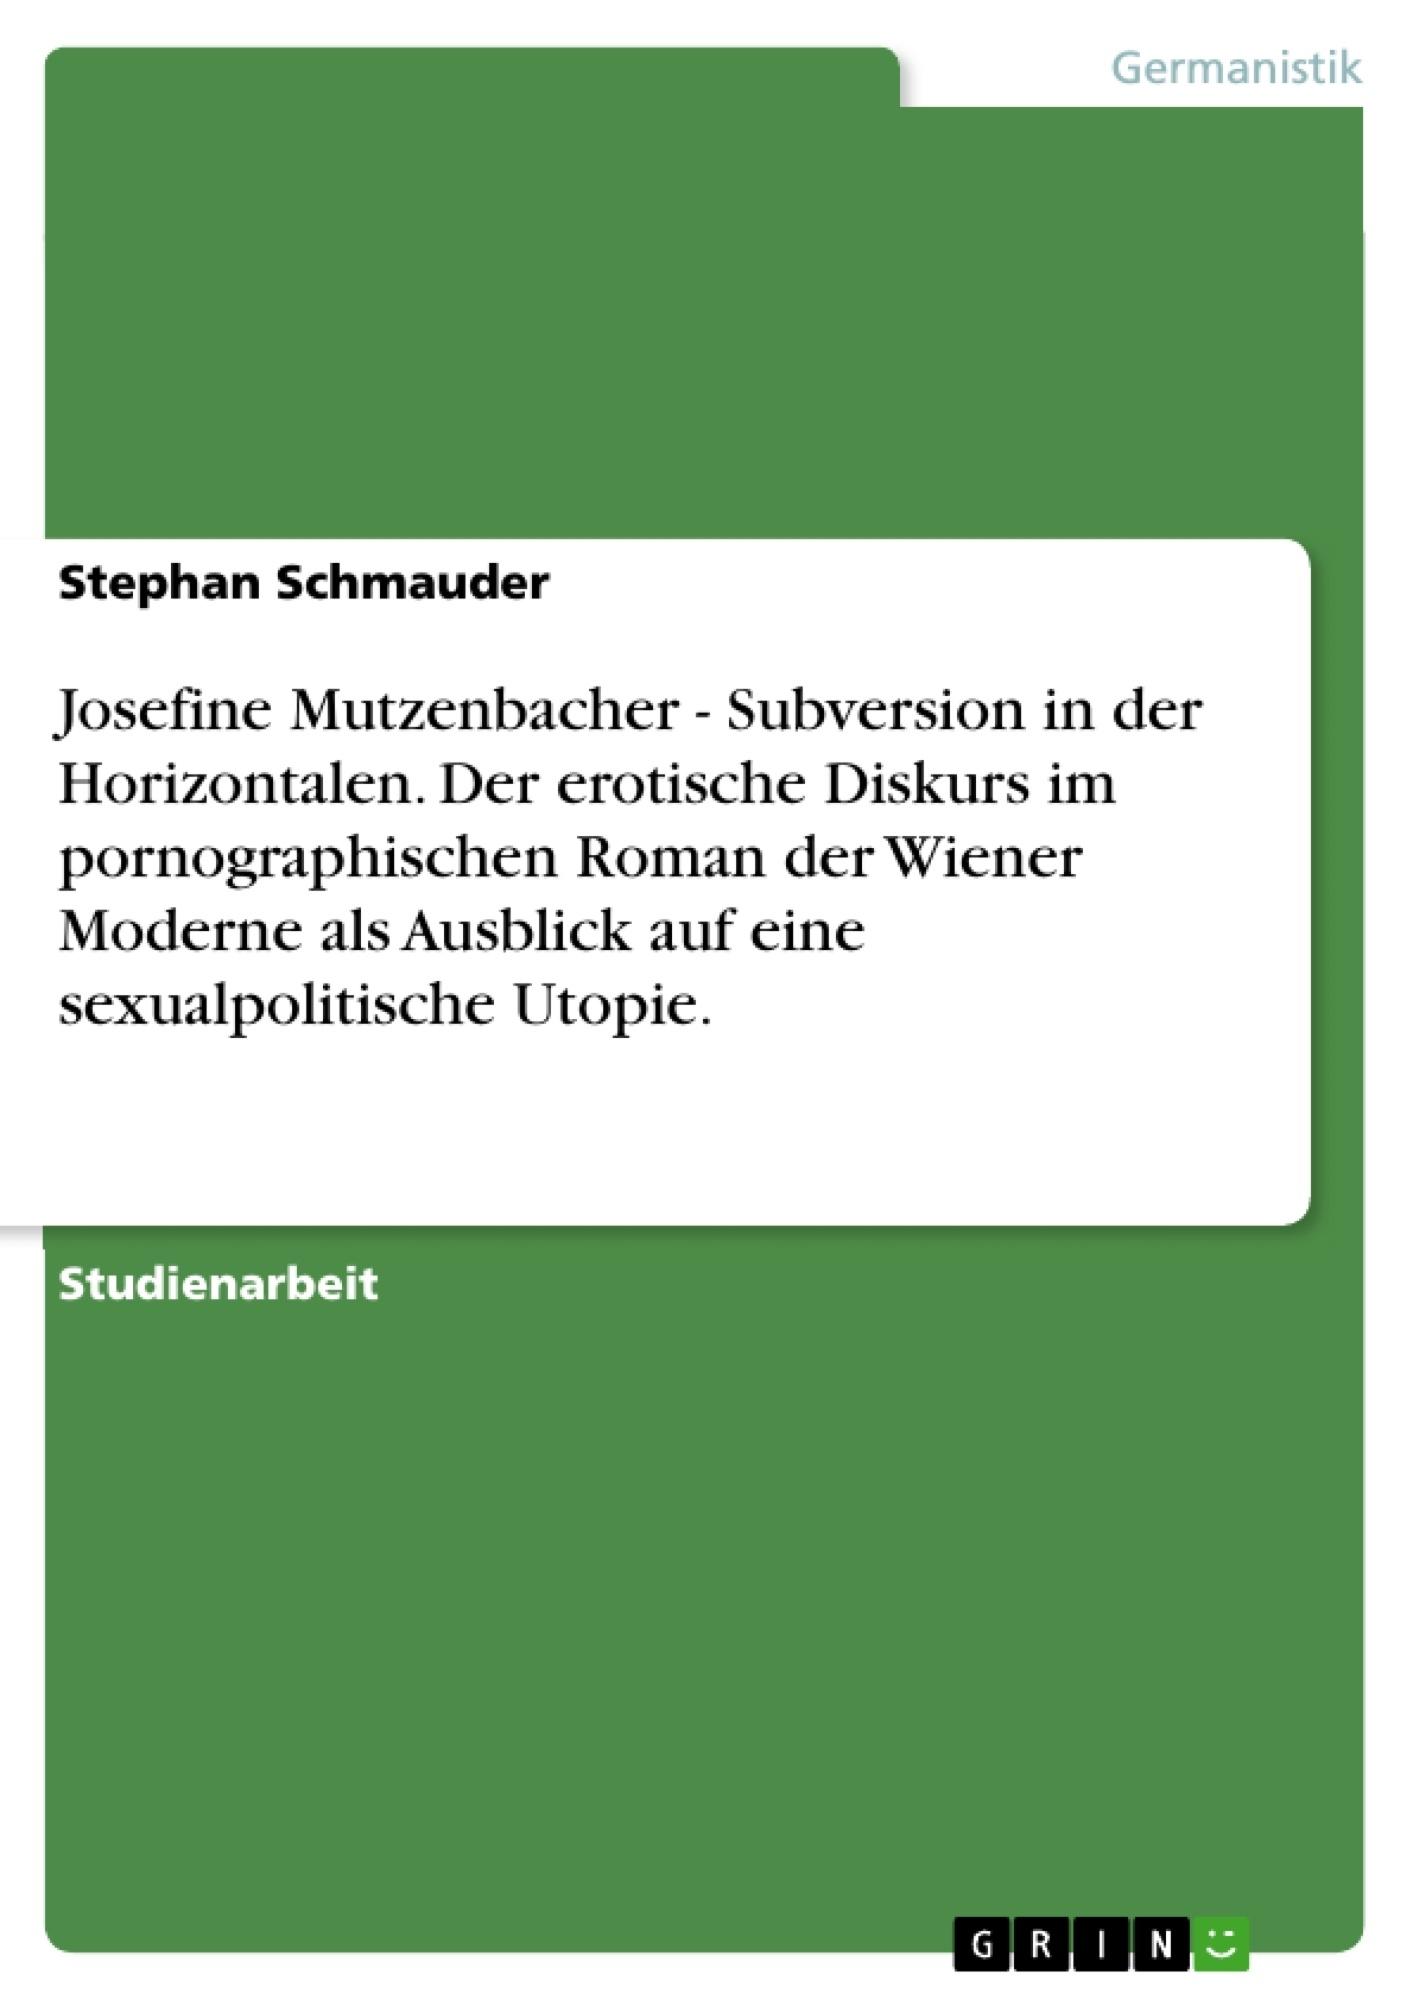 Titel: Josefine Mutzenbacher - Subversion in der Horizontalen. Der erotische Diskurs im pornographischen Roman der Wiener Moderne als Ausblick auf eine sexualpolitische Utopie.